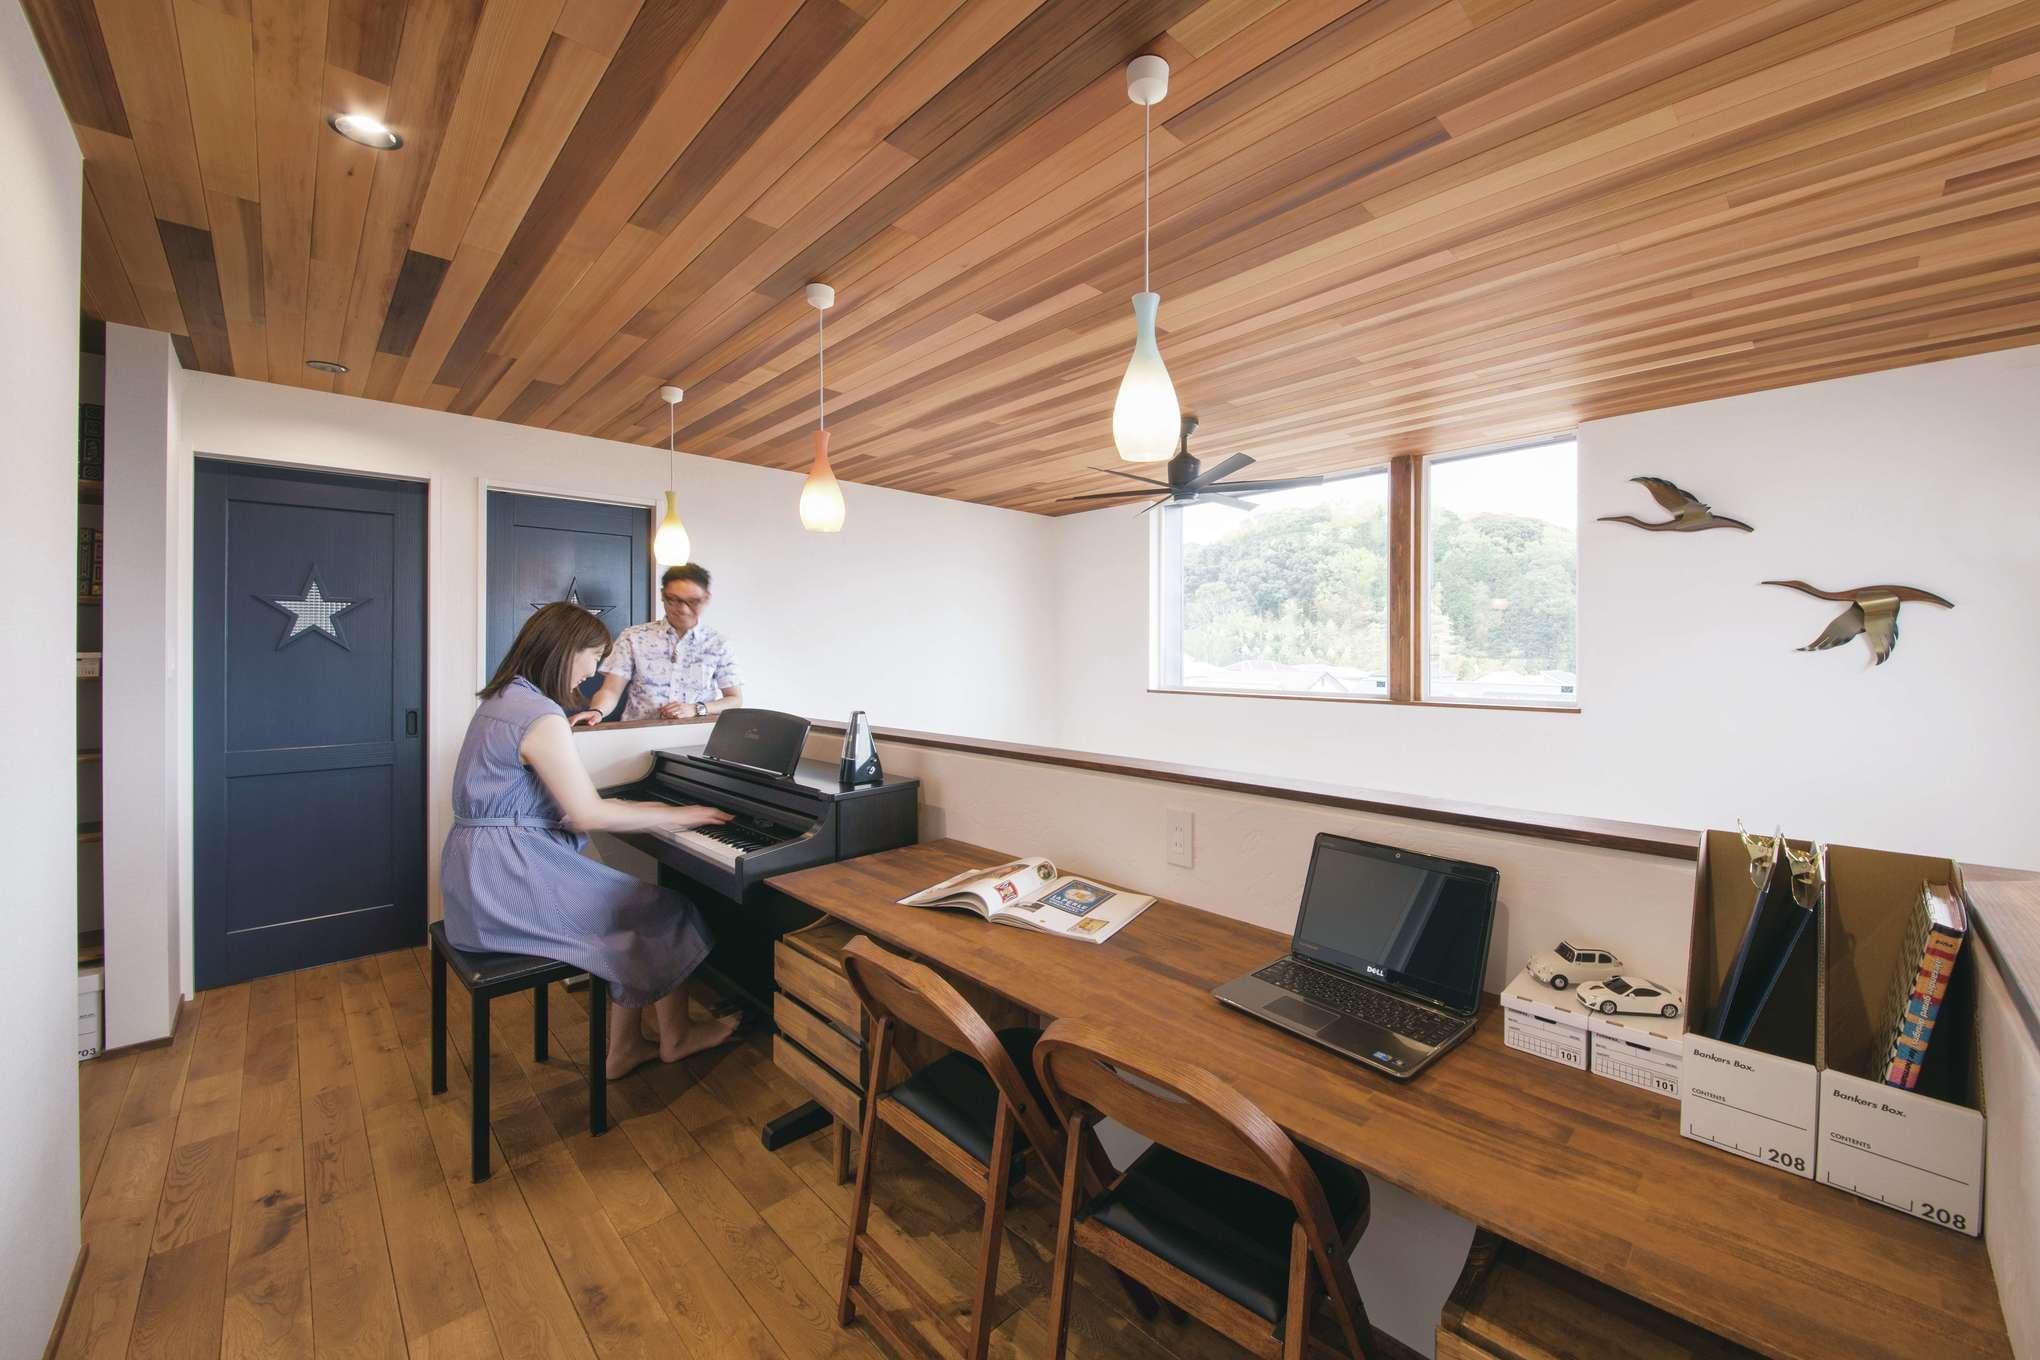 小幡建設【岡崎市岩津町・モデルハウス】2階のフリースペースはLDKを見渡せる開放的な空間。漆喰壁に飾った鳥のオブジェや照明に夫妻のセンスの良さが感じられる。カウンターはPC作業や読書など多目的に活躍